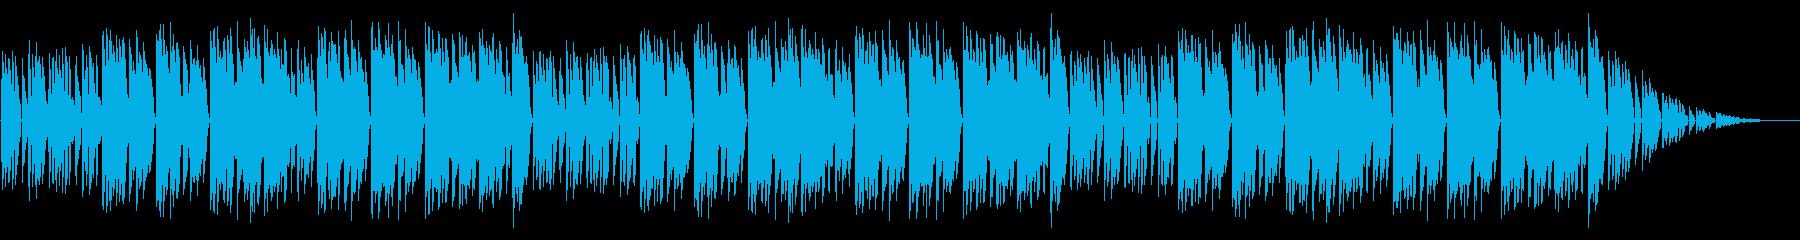 GB風アクションゲームのED曲の再生済みの波形